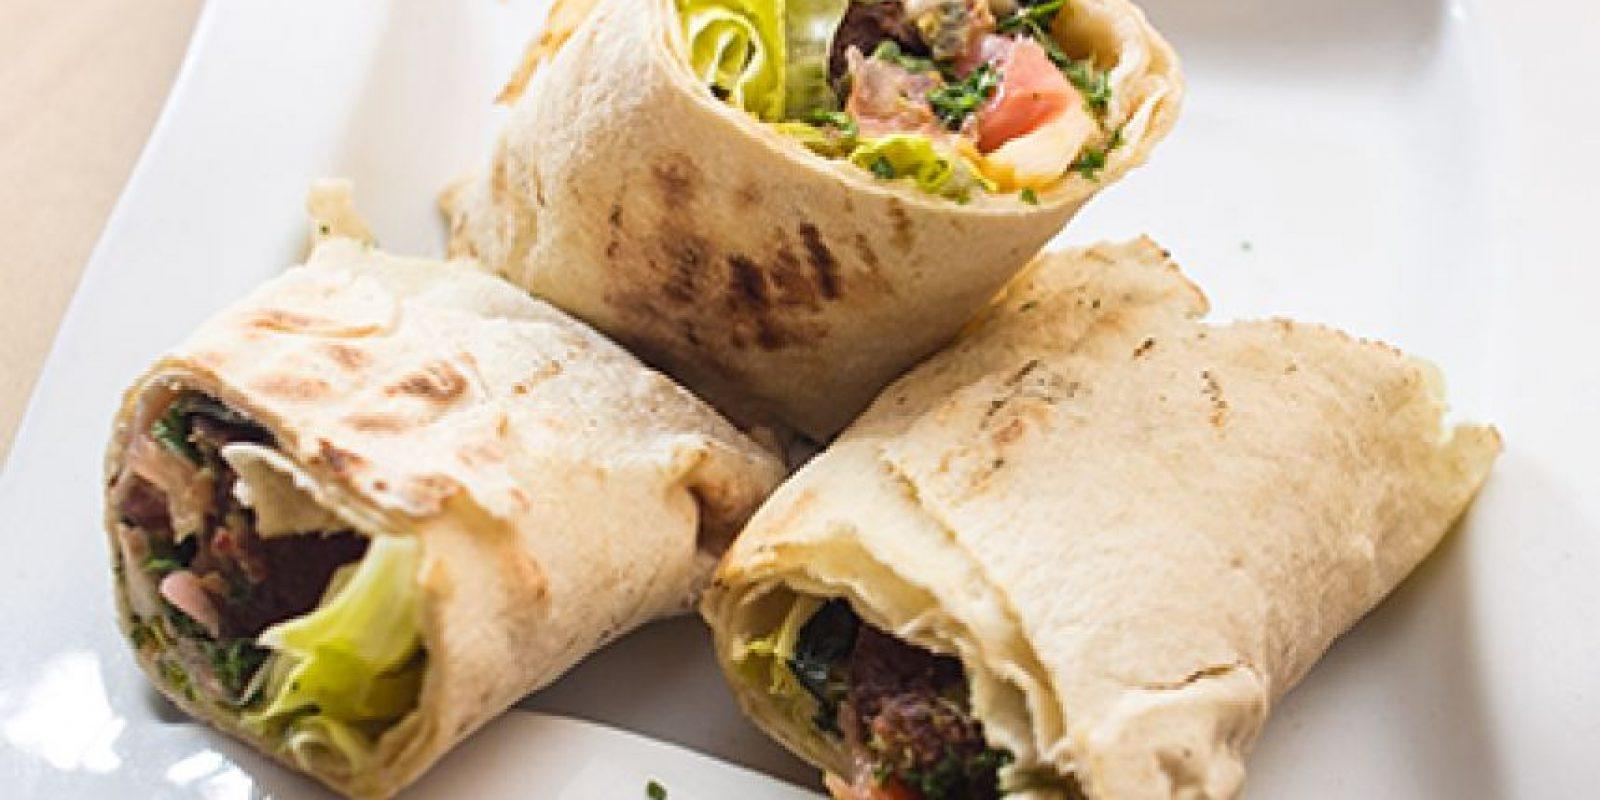 """Habibi. Según detalla Olga Rodríguez, hay cocina árabe y luego está la comida de Habibi. Lo que más aprecia esta chica es su servicio cercano y personalizado, y que como el restaurante es manejado por inmigrantes libaneses, sus platos exquisitos son """"árabes de verdad, verdad""""."""